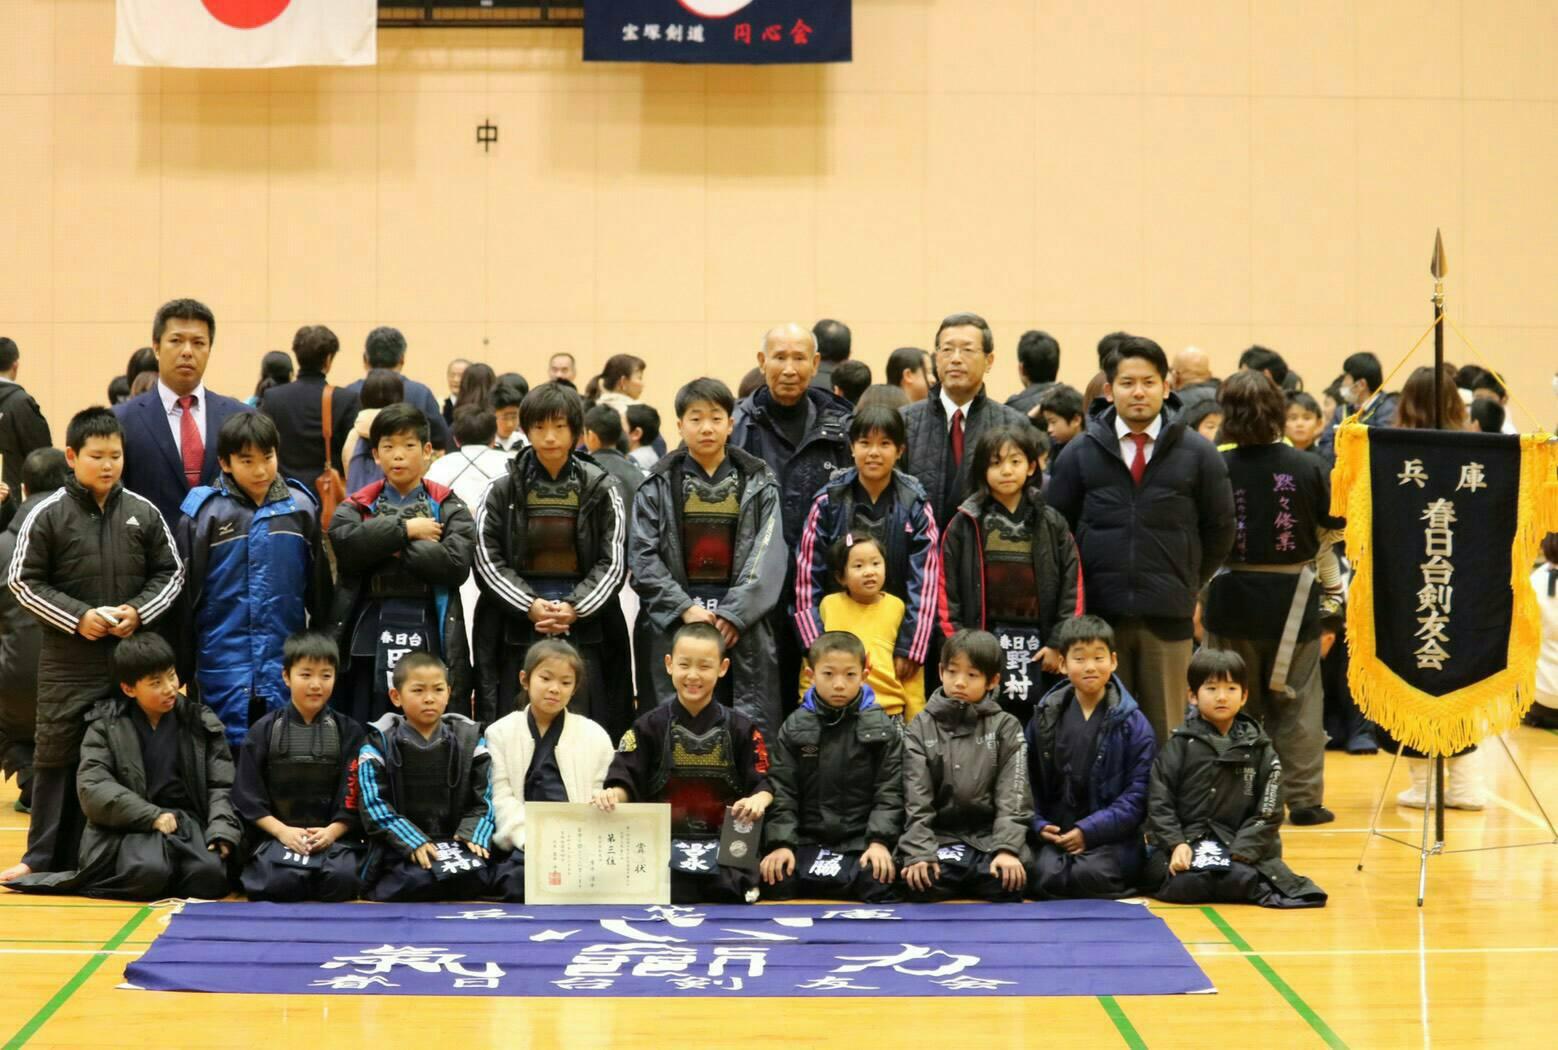 第1回近県少年少女剣道選手権大会 鈴木杯争奪優勝大会に参加しました